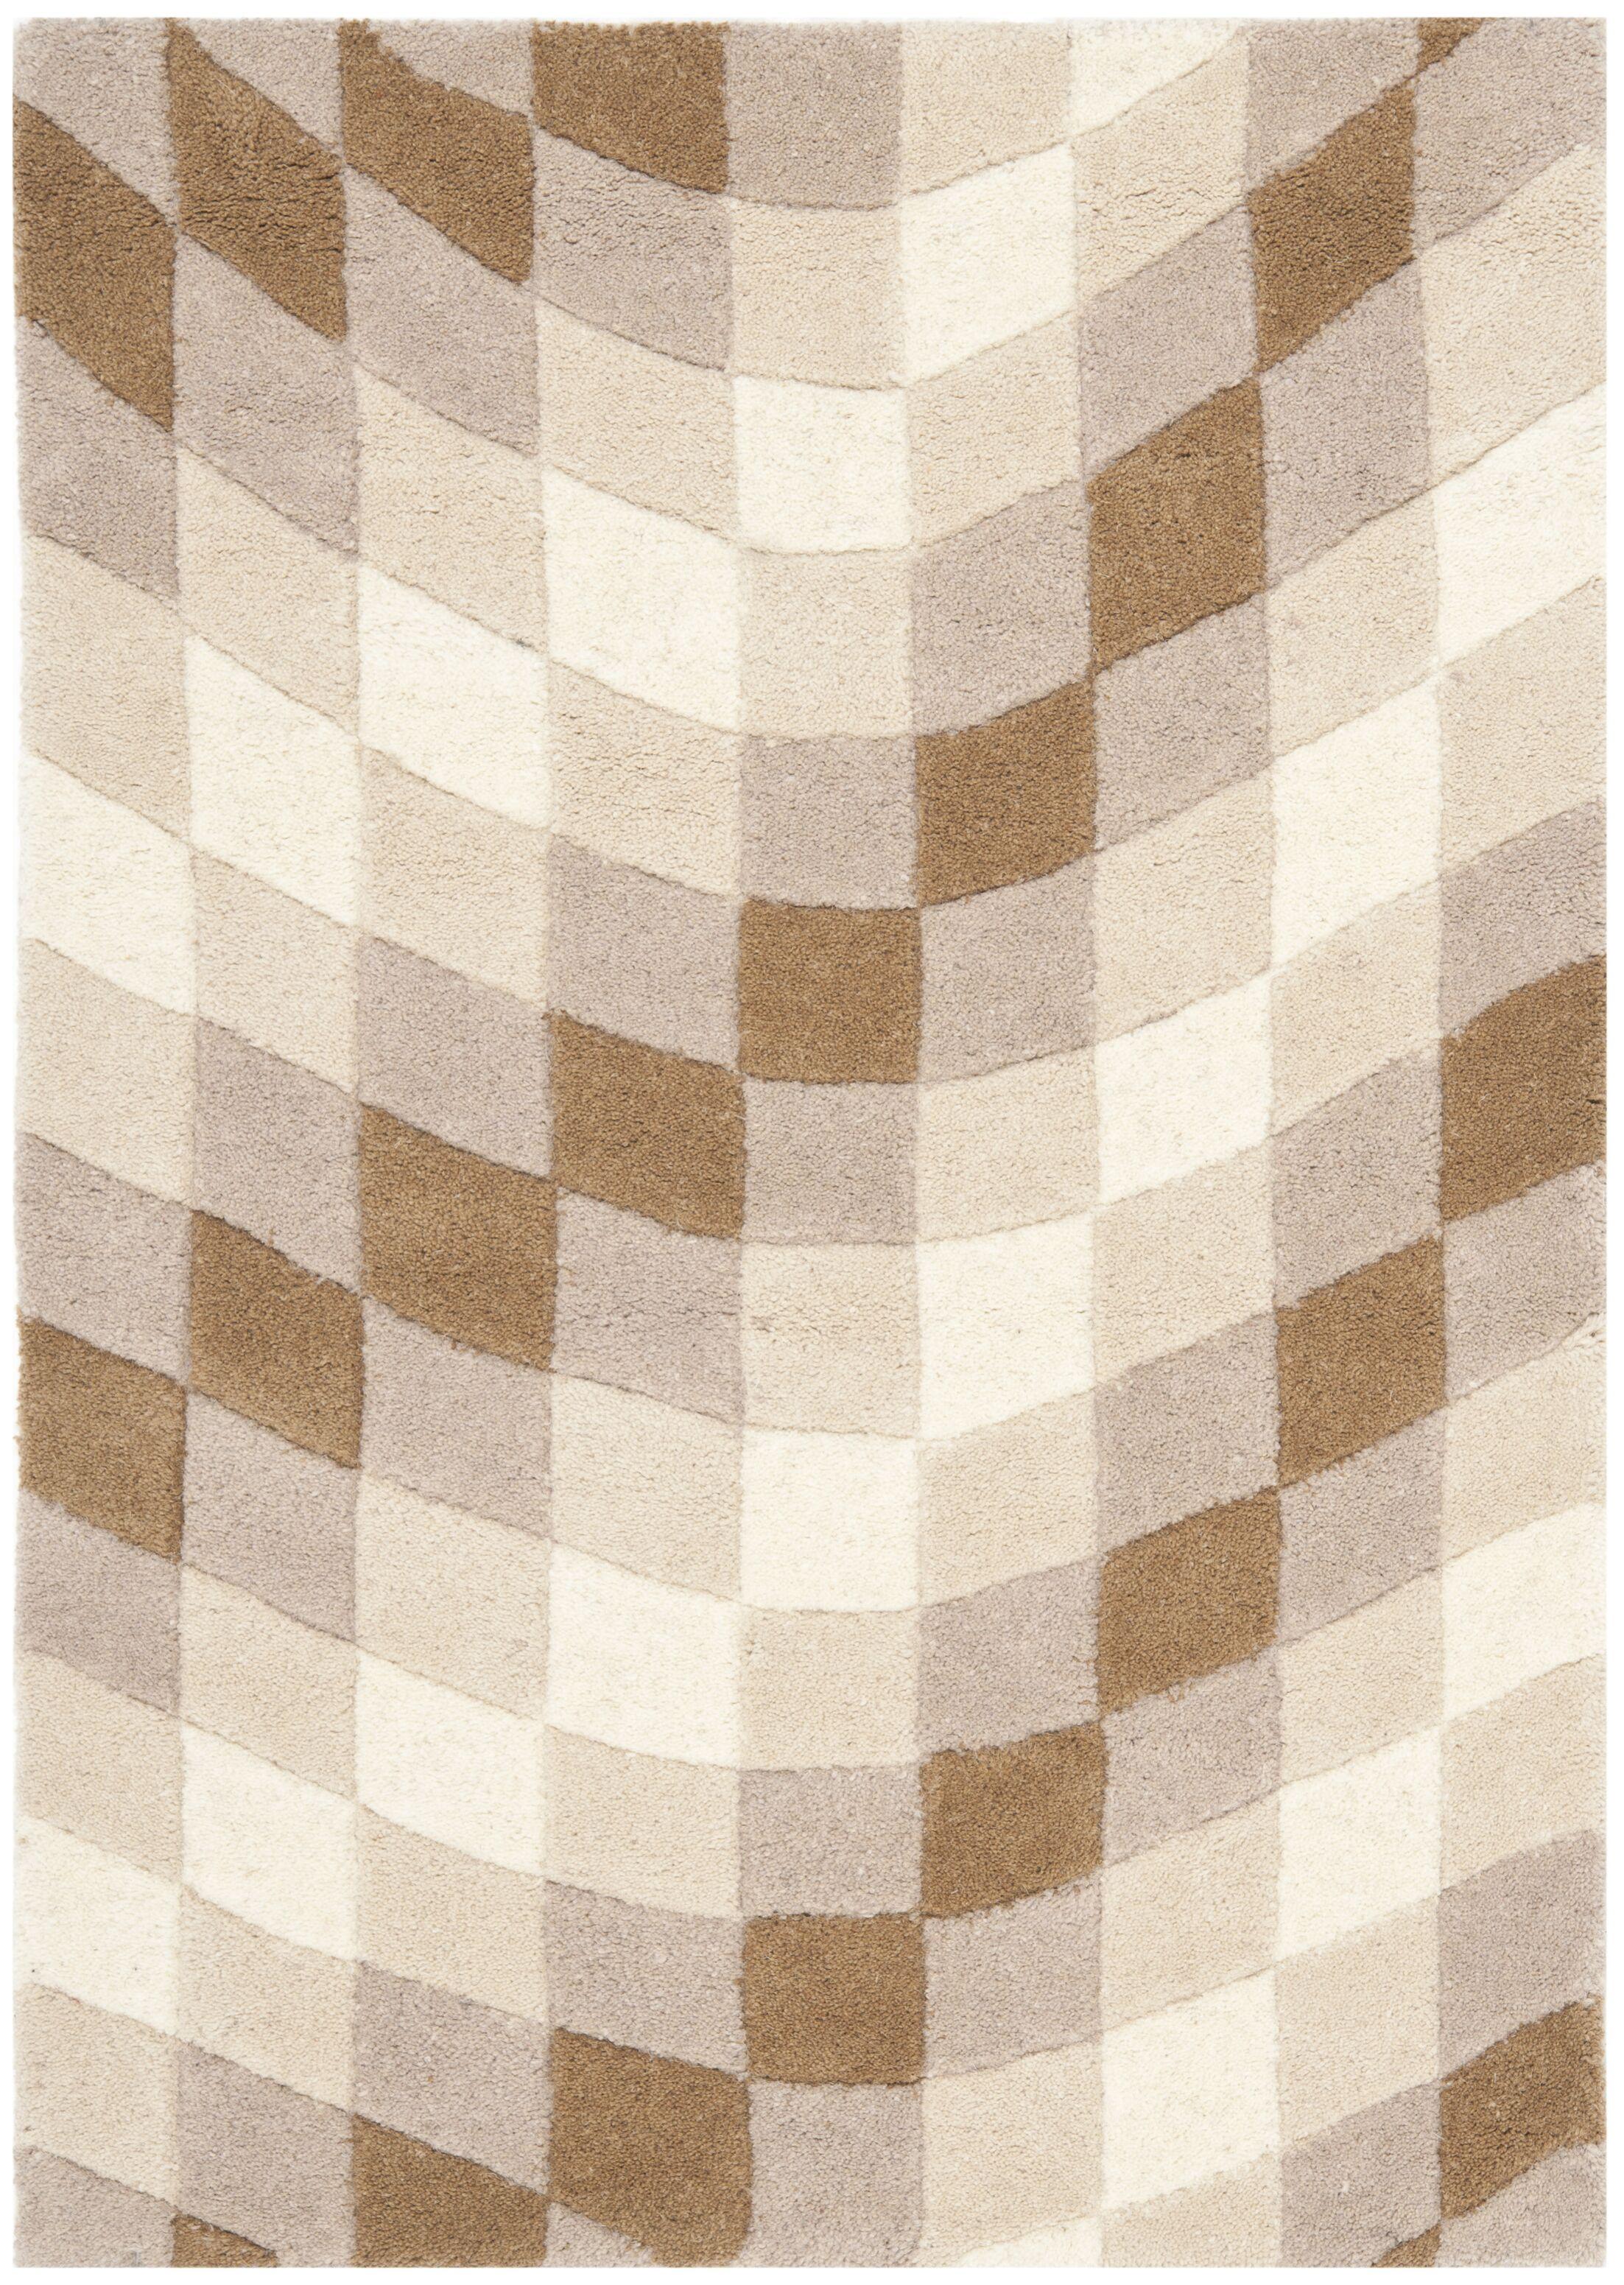 Woodburn Sand & Ivory Area Rug Rug Size: Rectangle 3'6